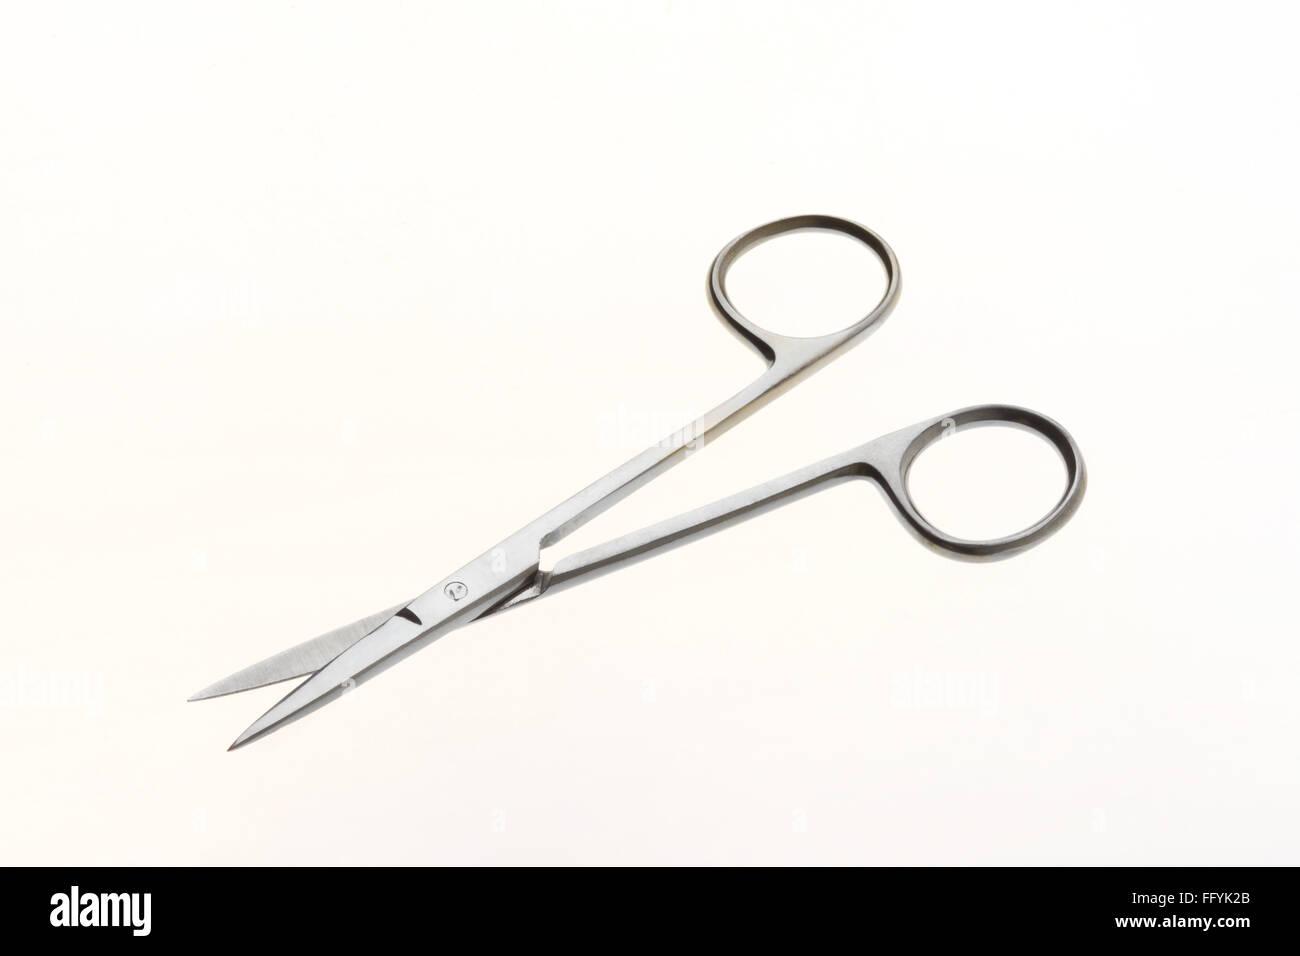 Scissor India - Stock Image